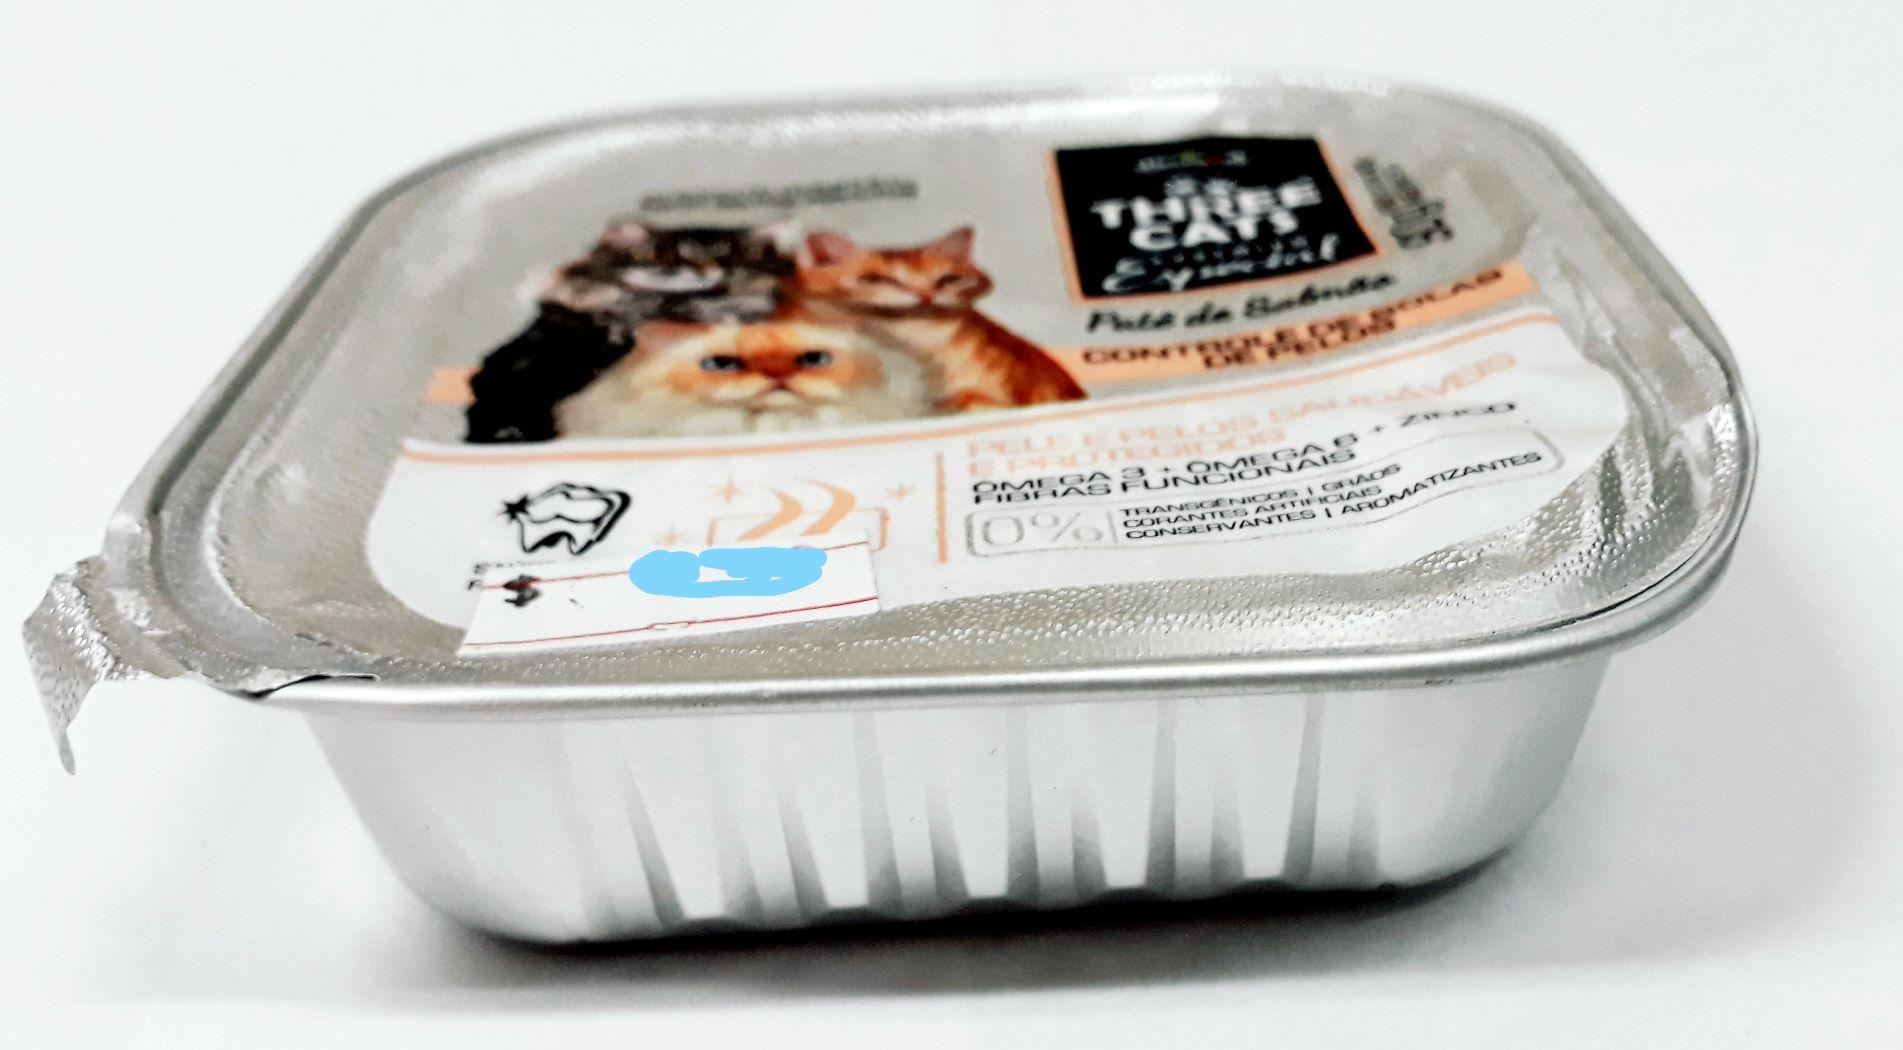 Latas De alimento Úmido Threecats Bola Pelo Patê Salmão 90g